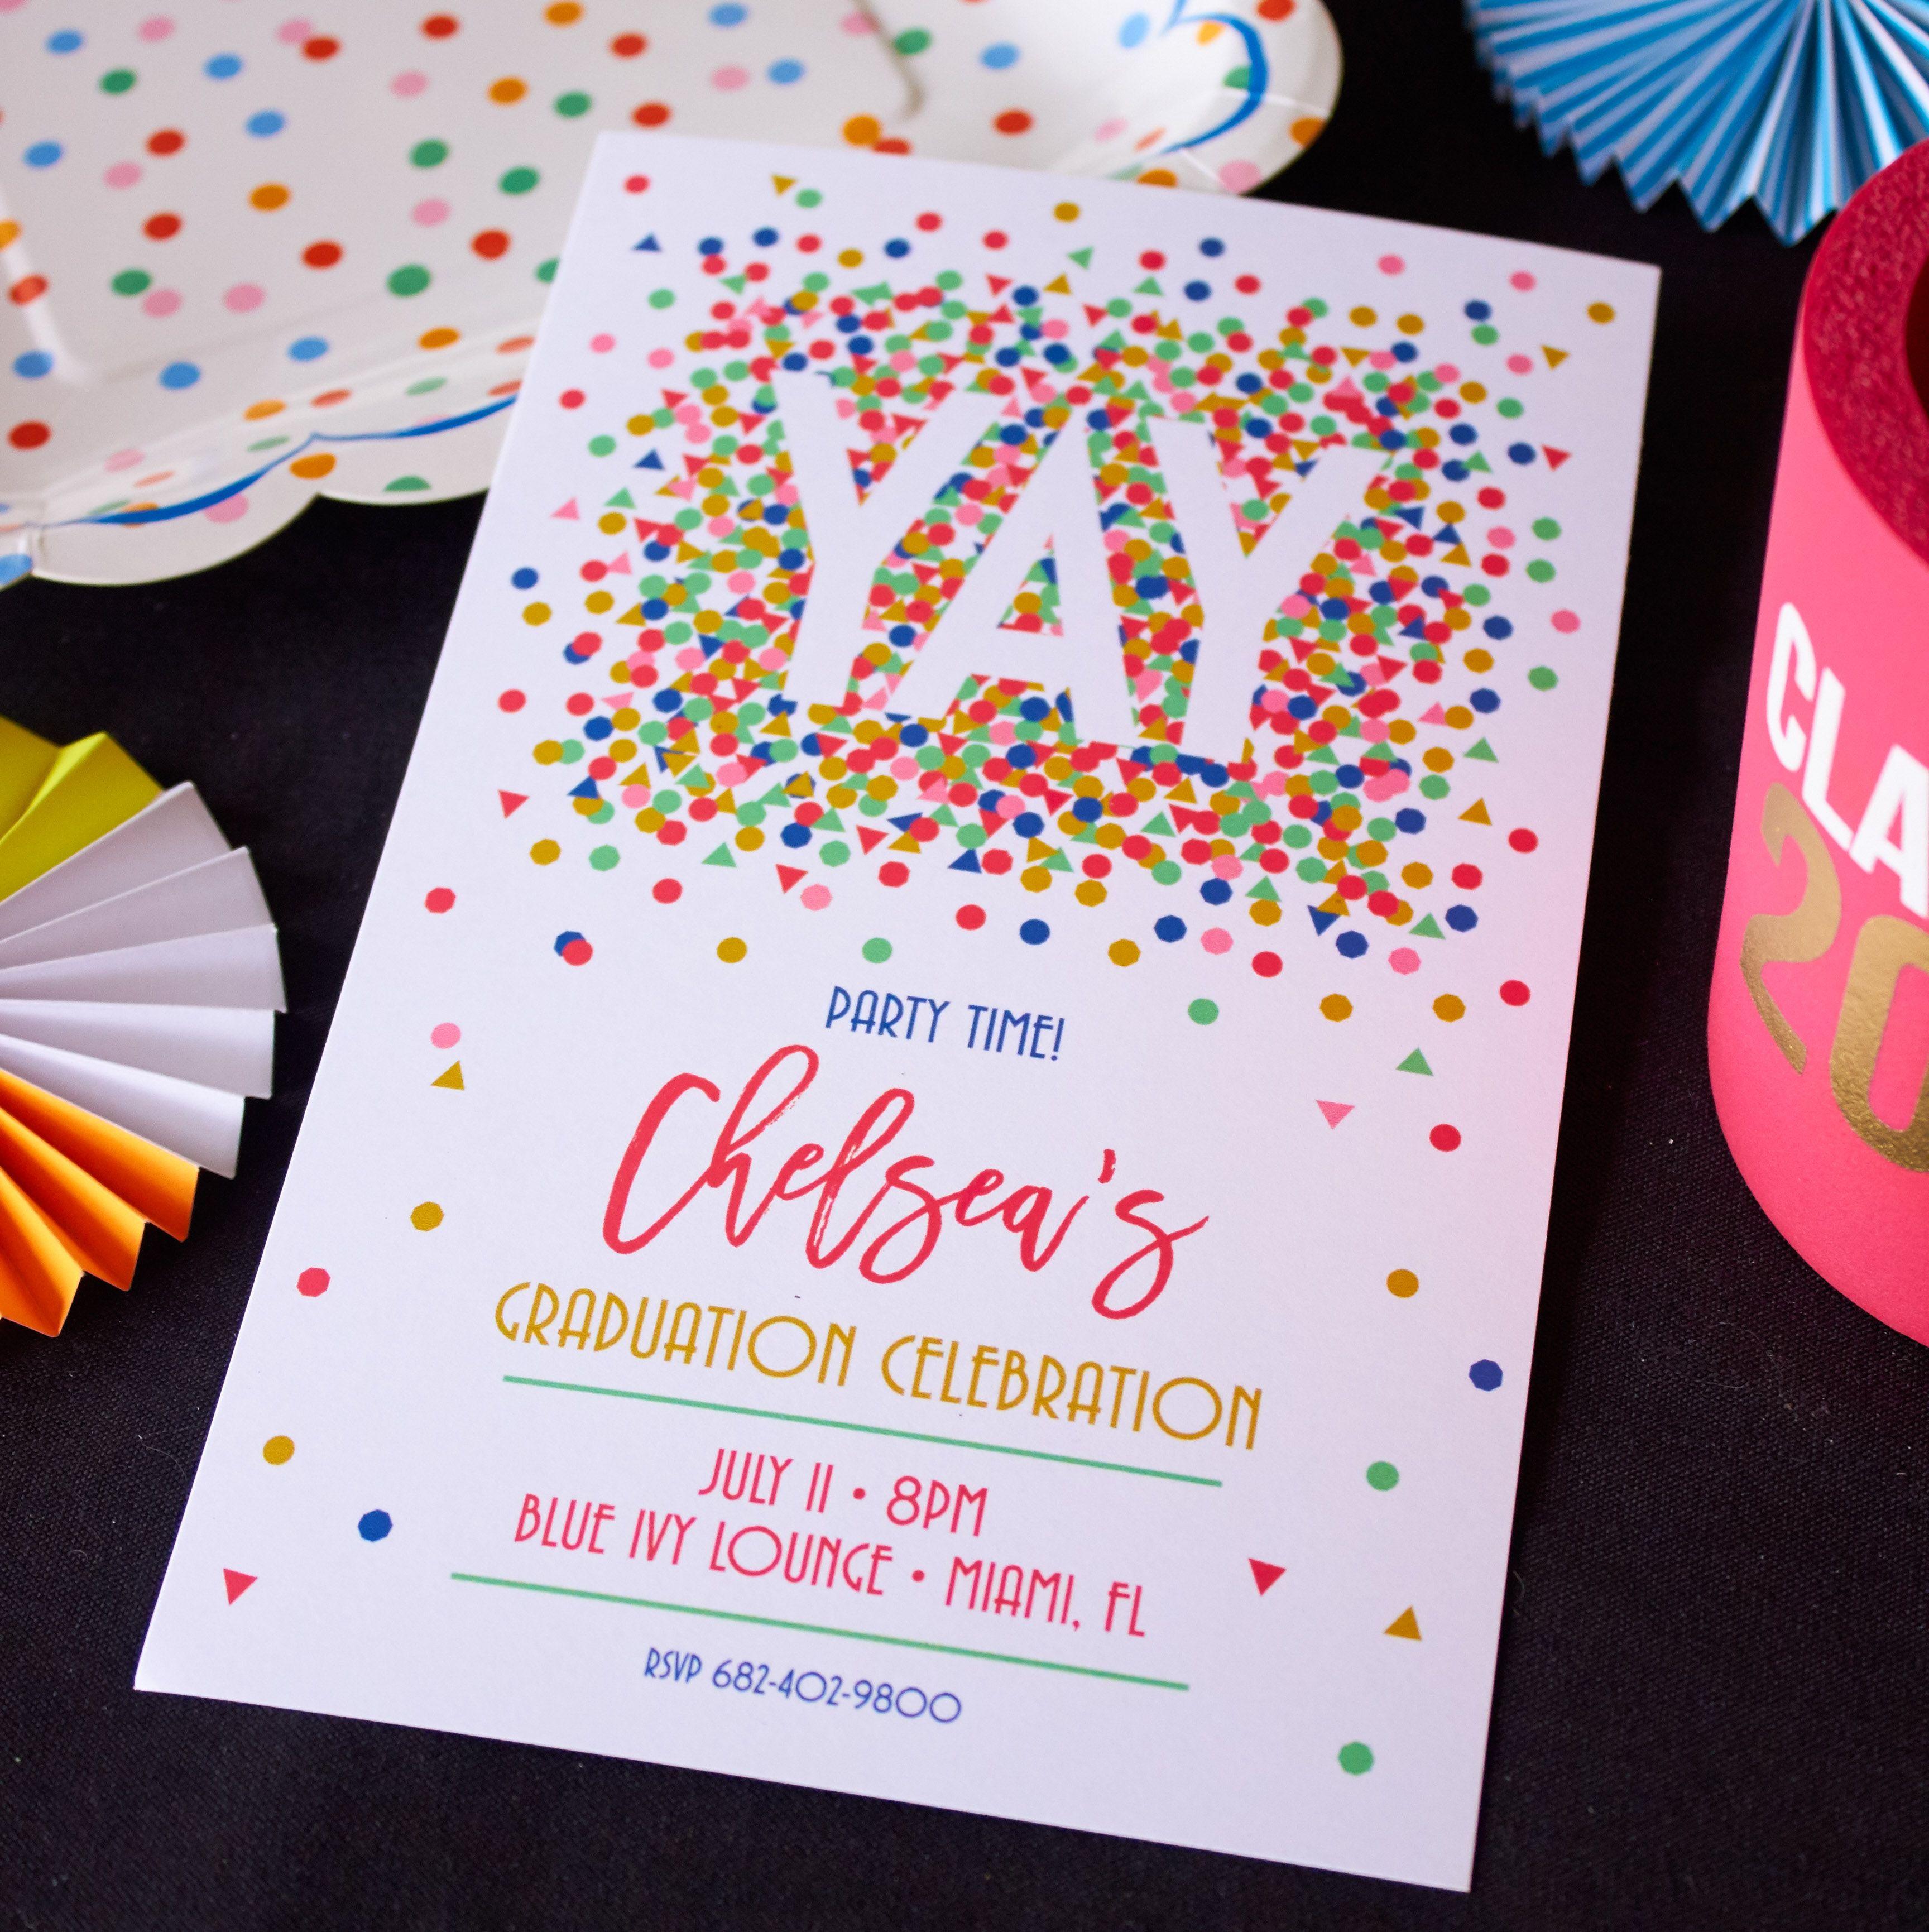 Confetti Pile Digital Invitation | Party invitations, Grad parties ...